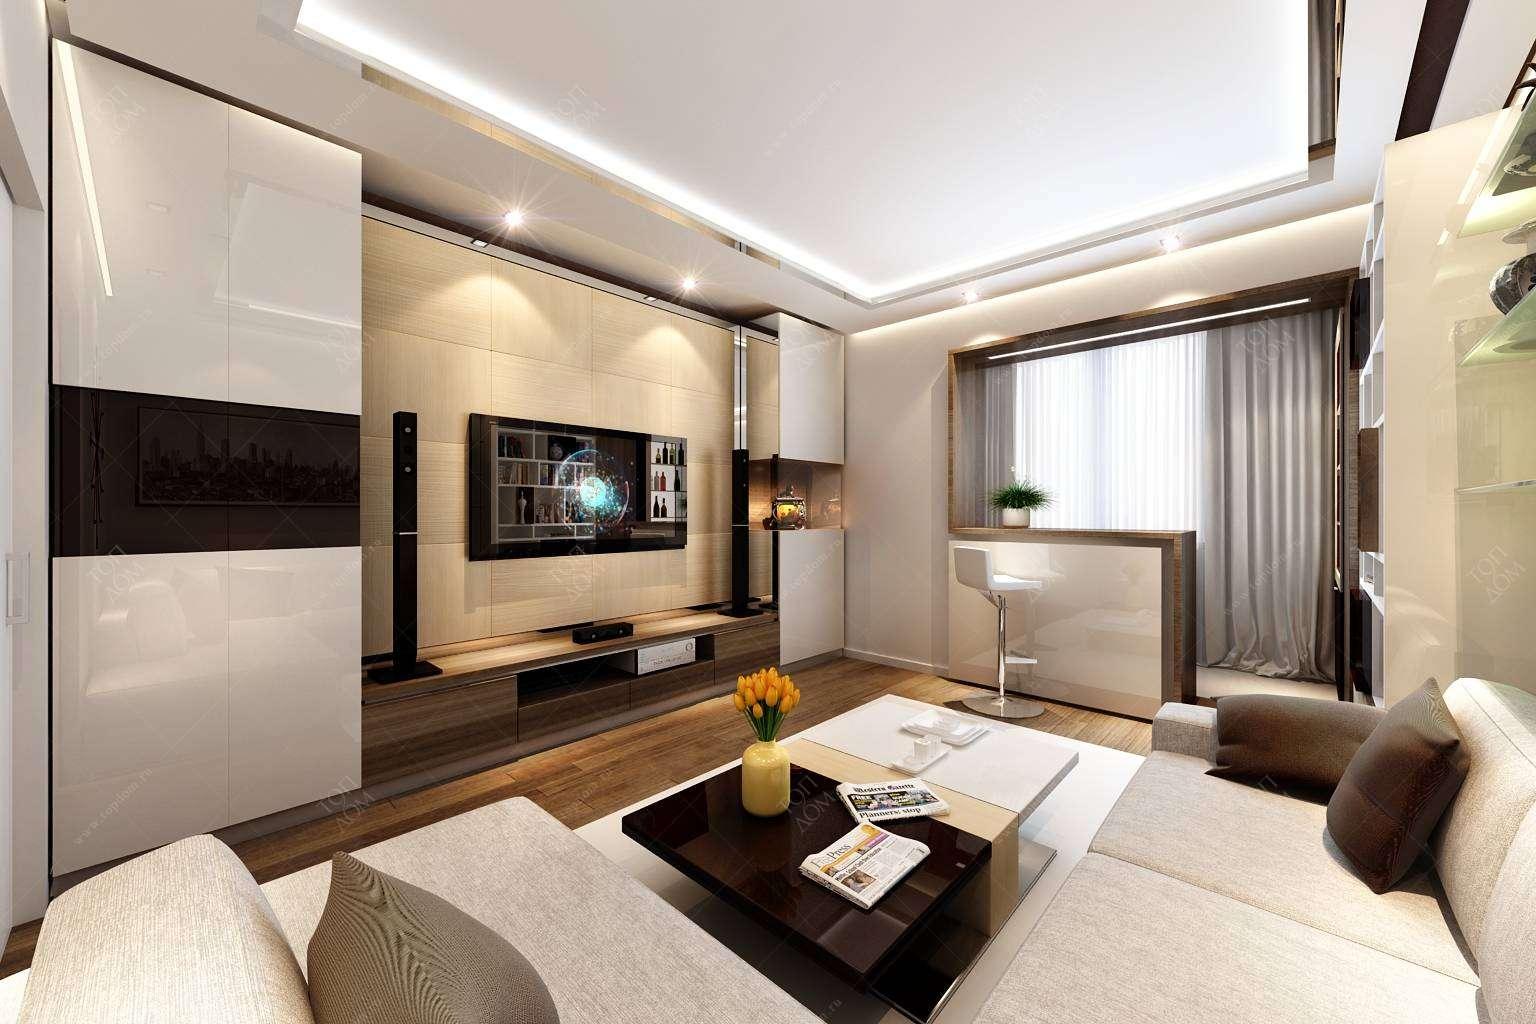 Дизайн интерьера гостиной в хрущёвке, идеи, в том числе вари.